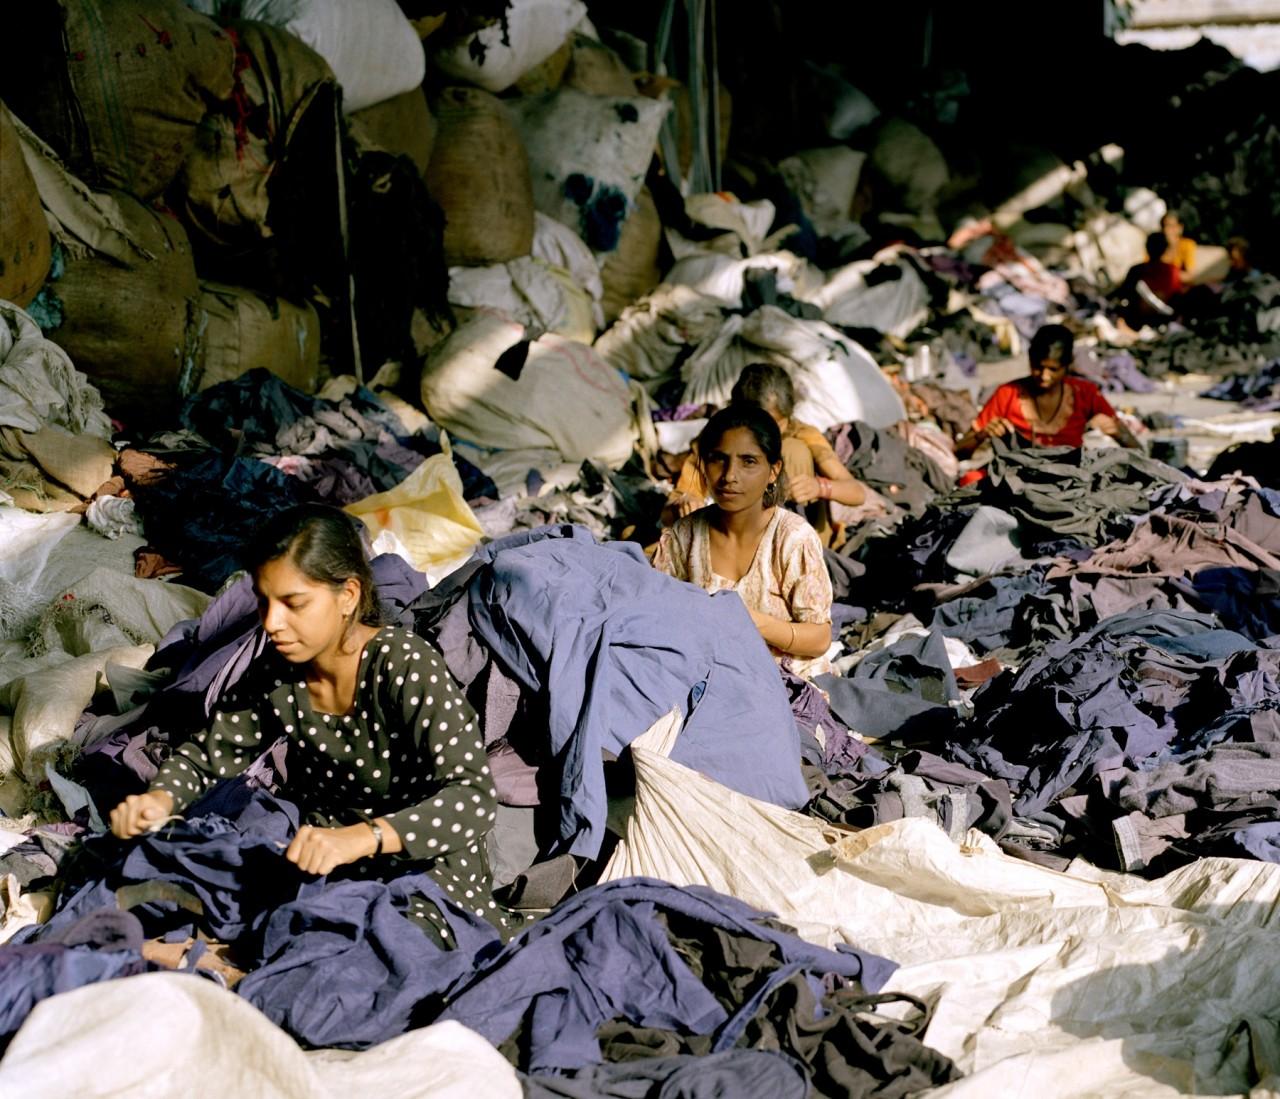 2_Tim_Mitchell__Clothing_Recycled___Tim_Mitchell_2005z83mLcnr5JgVu